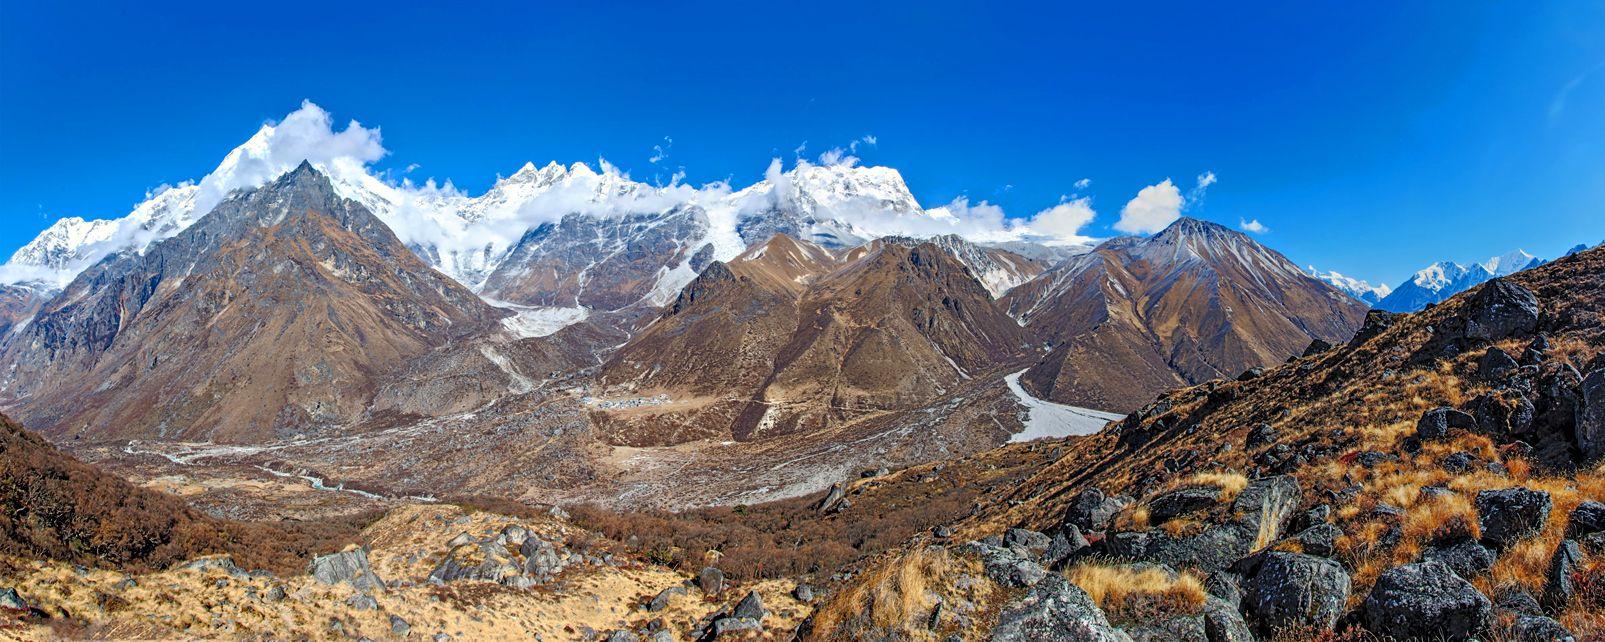 Los valles de Helambu y Langtang , Los valles de Helambu y Langtang, Nepal , Nepal